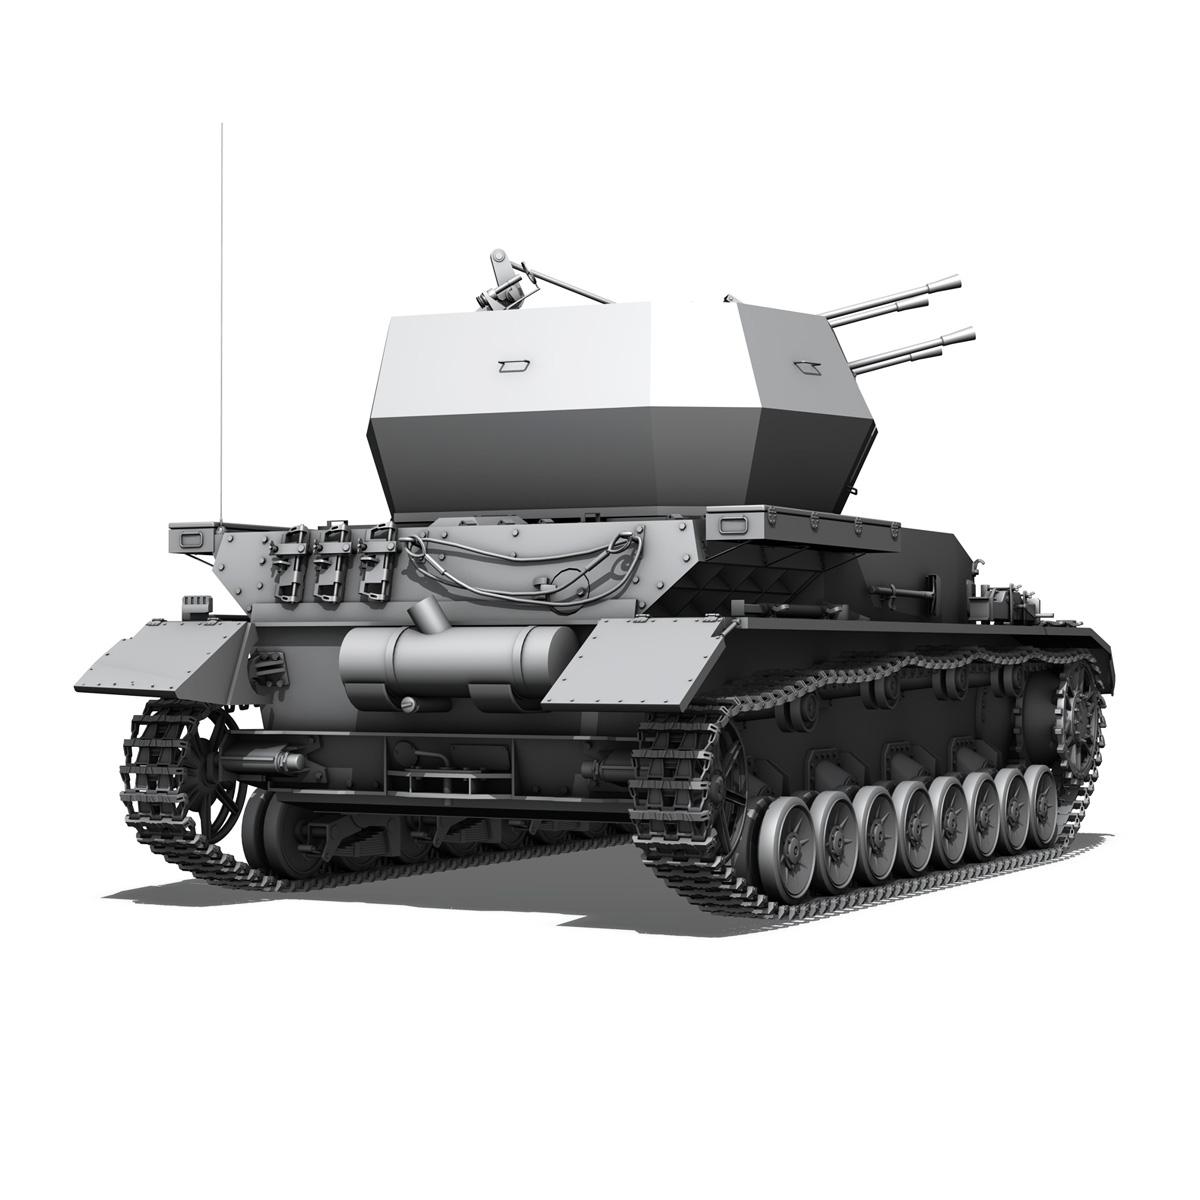 flakpanzer 4 - wirbelwind 3d model 3ds fbx c4d lwo obj 190387